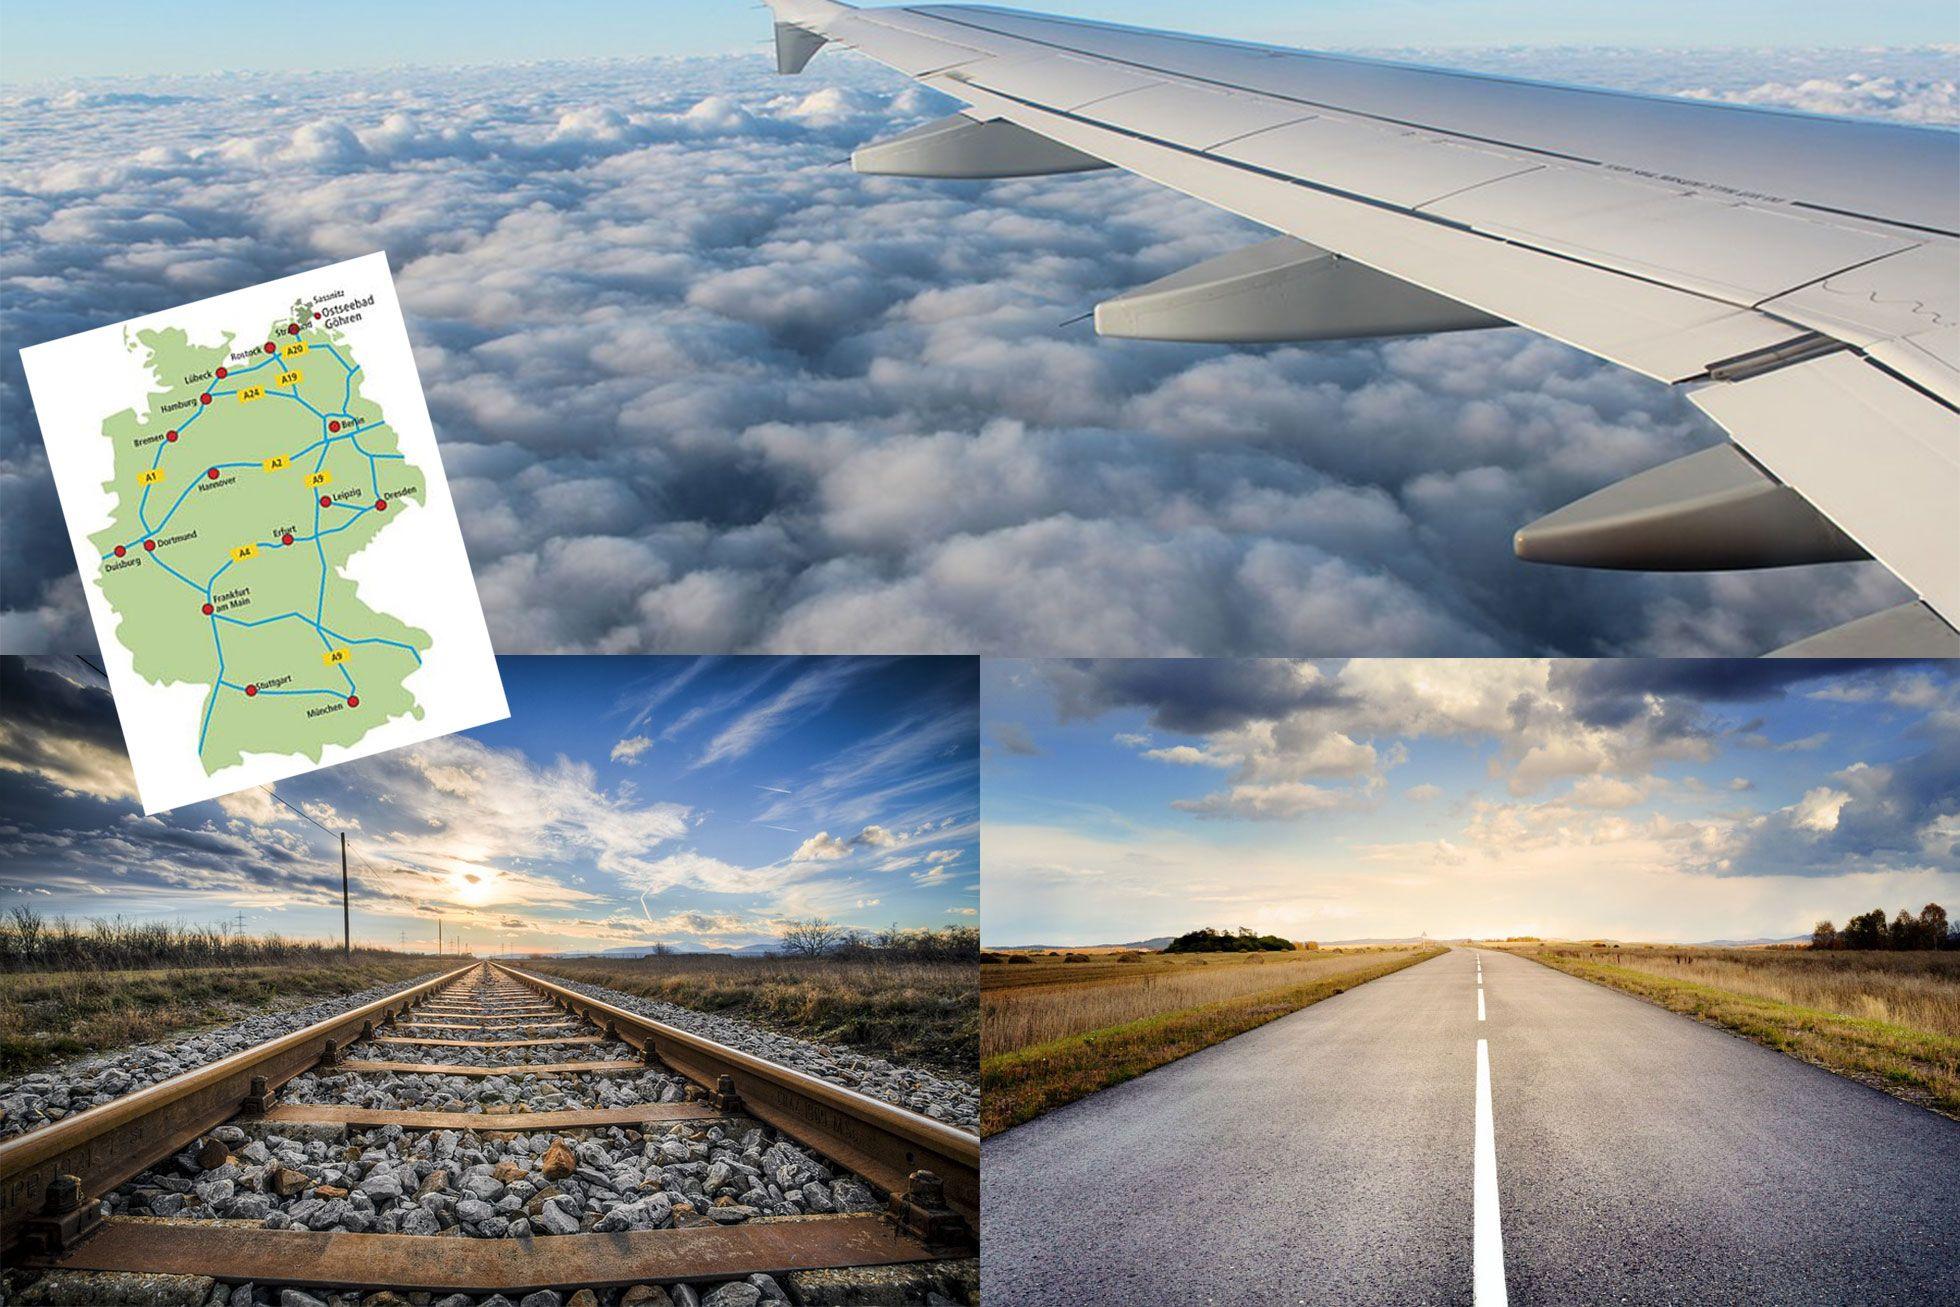 Anreisetipps - Auf der Straße, auf Schienen oder in der Luft